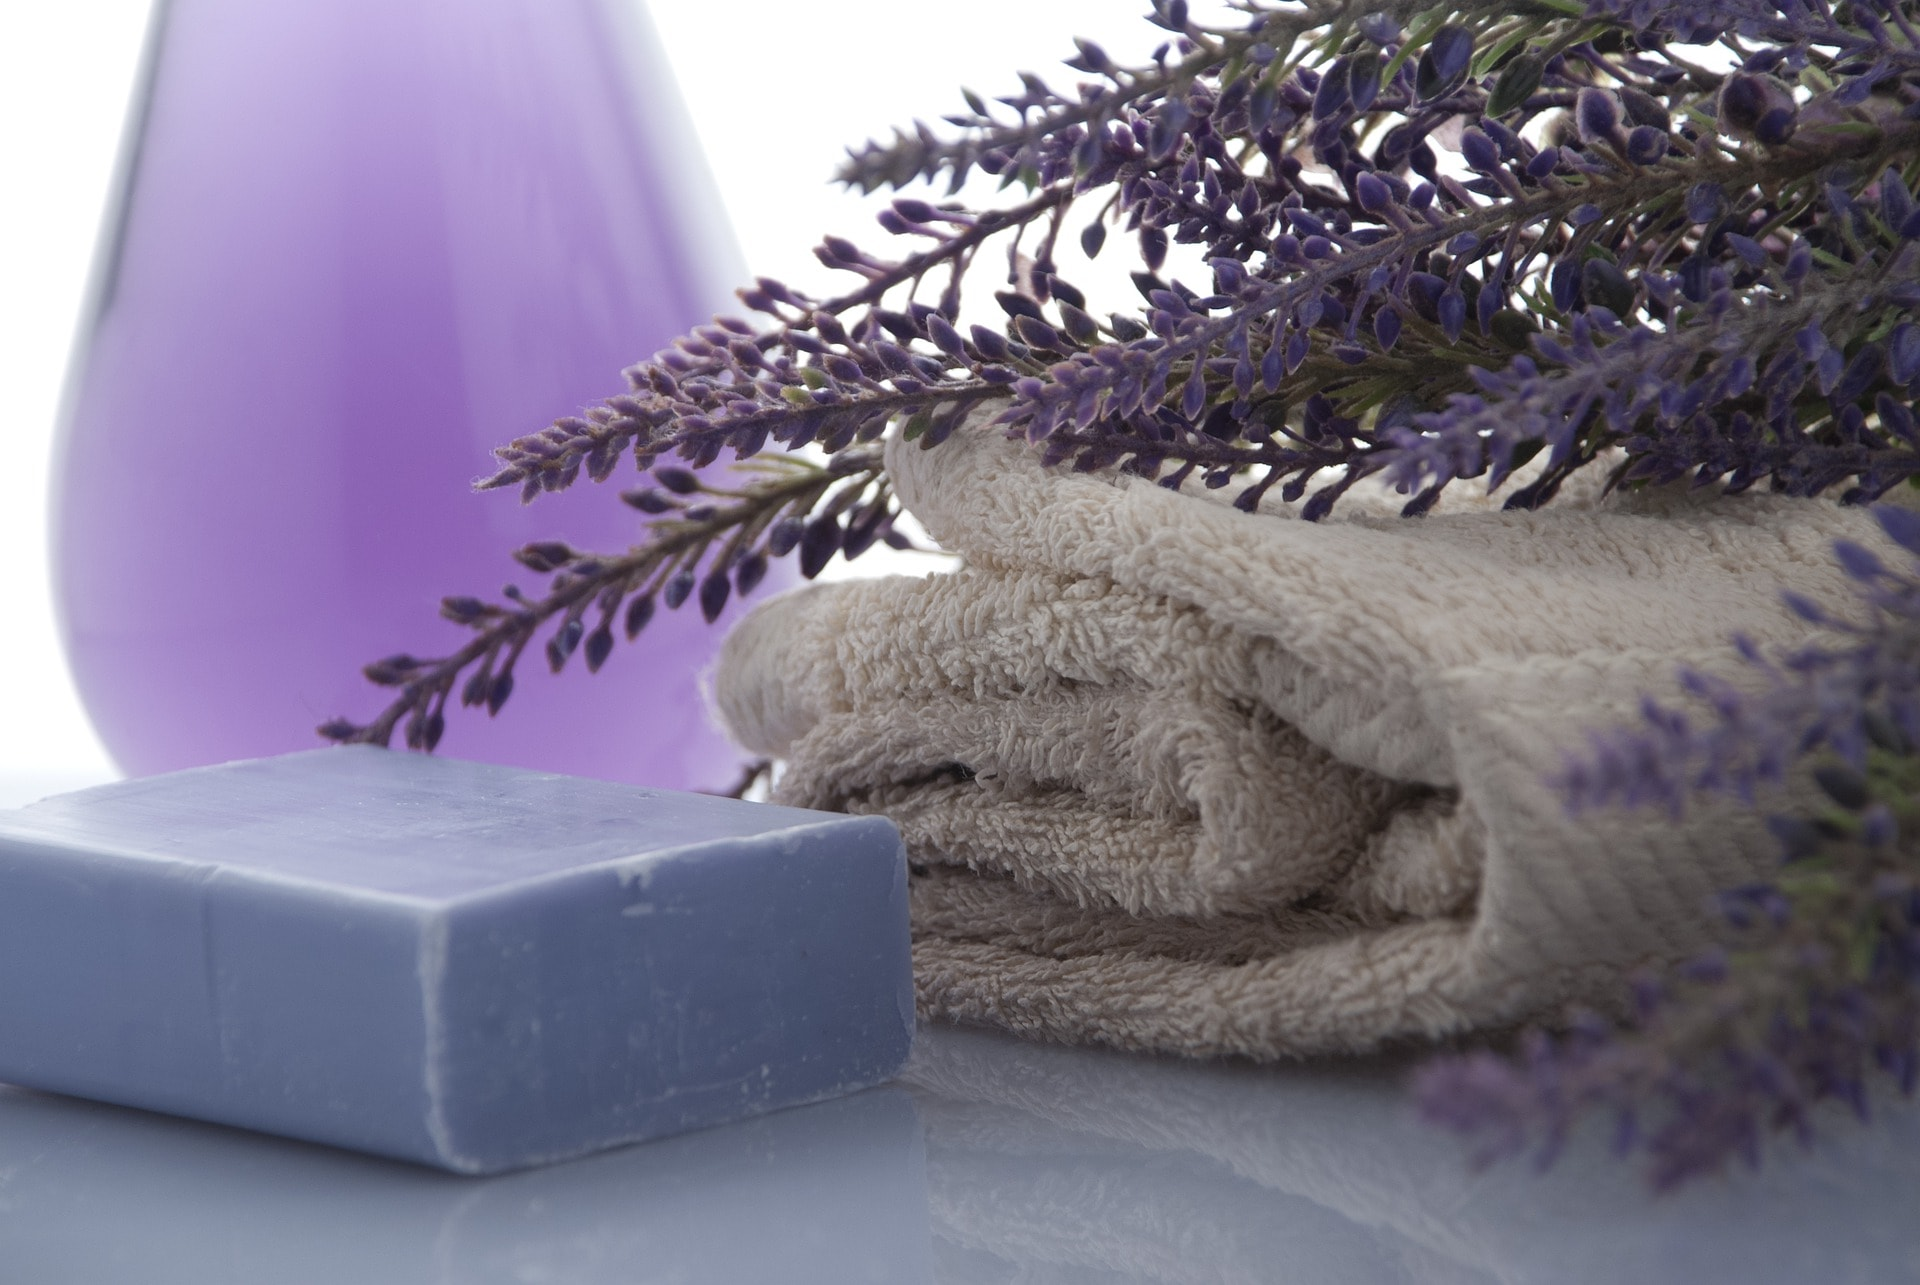 lavender soap towels